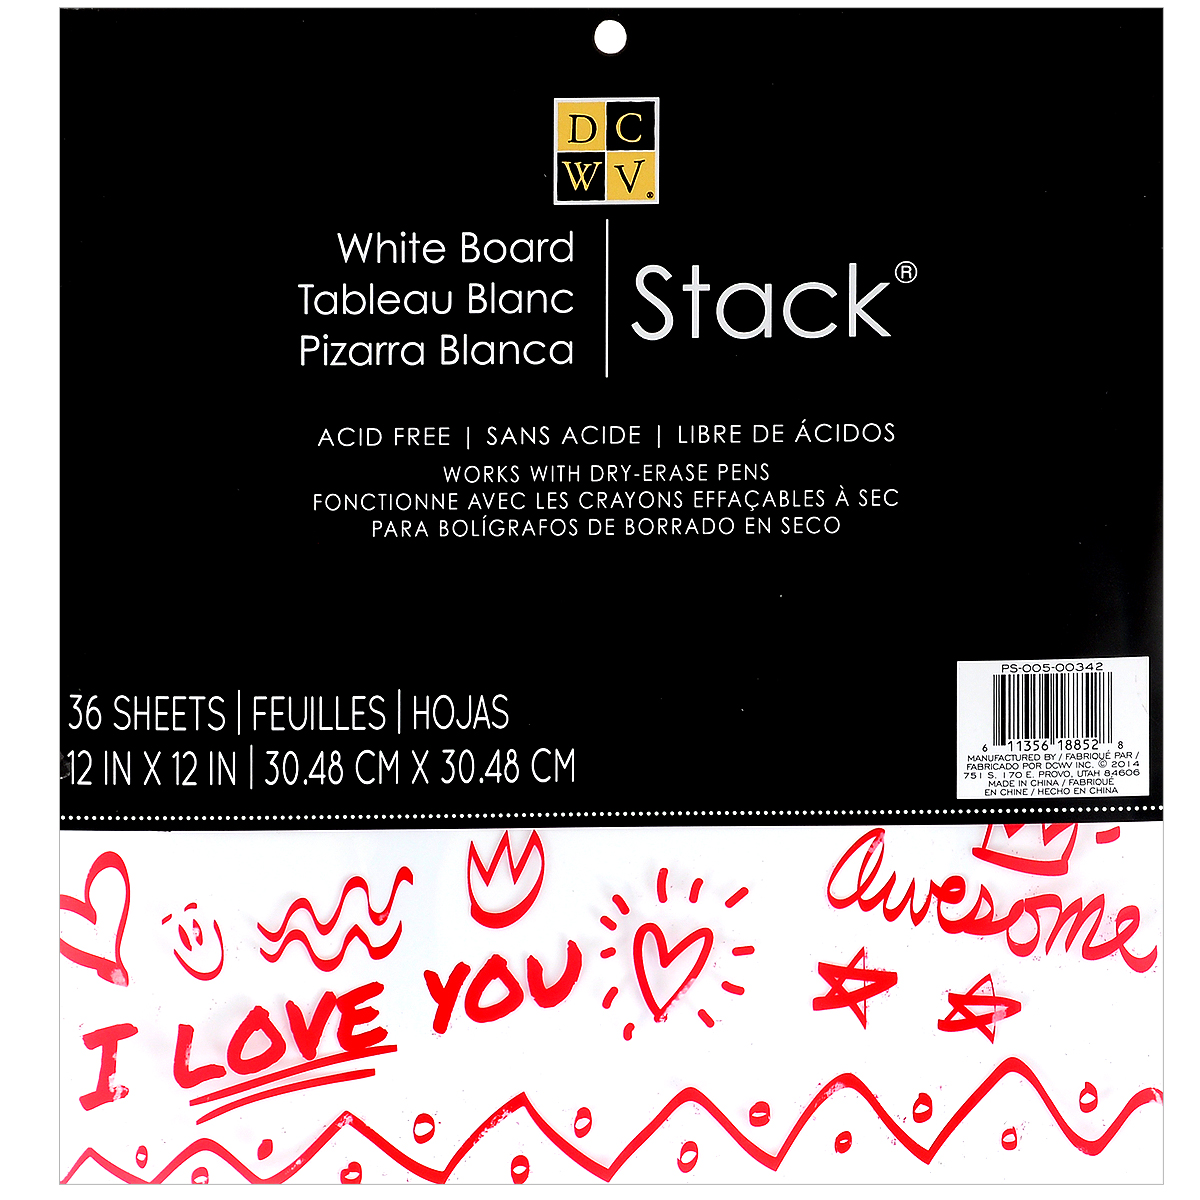 Набор бумаги для скрапбукинга White Board Stack, 36 листов55052Набор глянцевой бумаги White Board Stack позволит создавать всевозможные аппликации и поделки. Набор включает бумагу следующих цветов: белый, бежевый. Создание поделок из цветной бумаги поможет ребенку развить творческие способности, кроме того, это увлекательный досуг для детей и взрослых.Скрапбукинг - это хобби, которое способно приносить массу приятных эмоций не только человеку, который занимается скрапбукингом, но и его близким, друзьям, родным. Это невероятно увлекательное занятие, которое поможет вам сохранить наиболее памятные и яркие моменты вашей жизни для вас и даже ваших потомков. В набор входит 36 листов белого цвета.Размер листа: 30,4 см х 30,4 см.